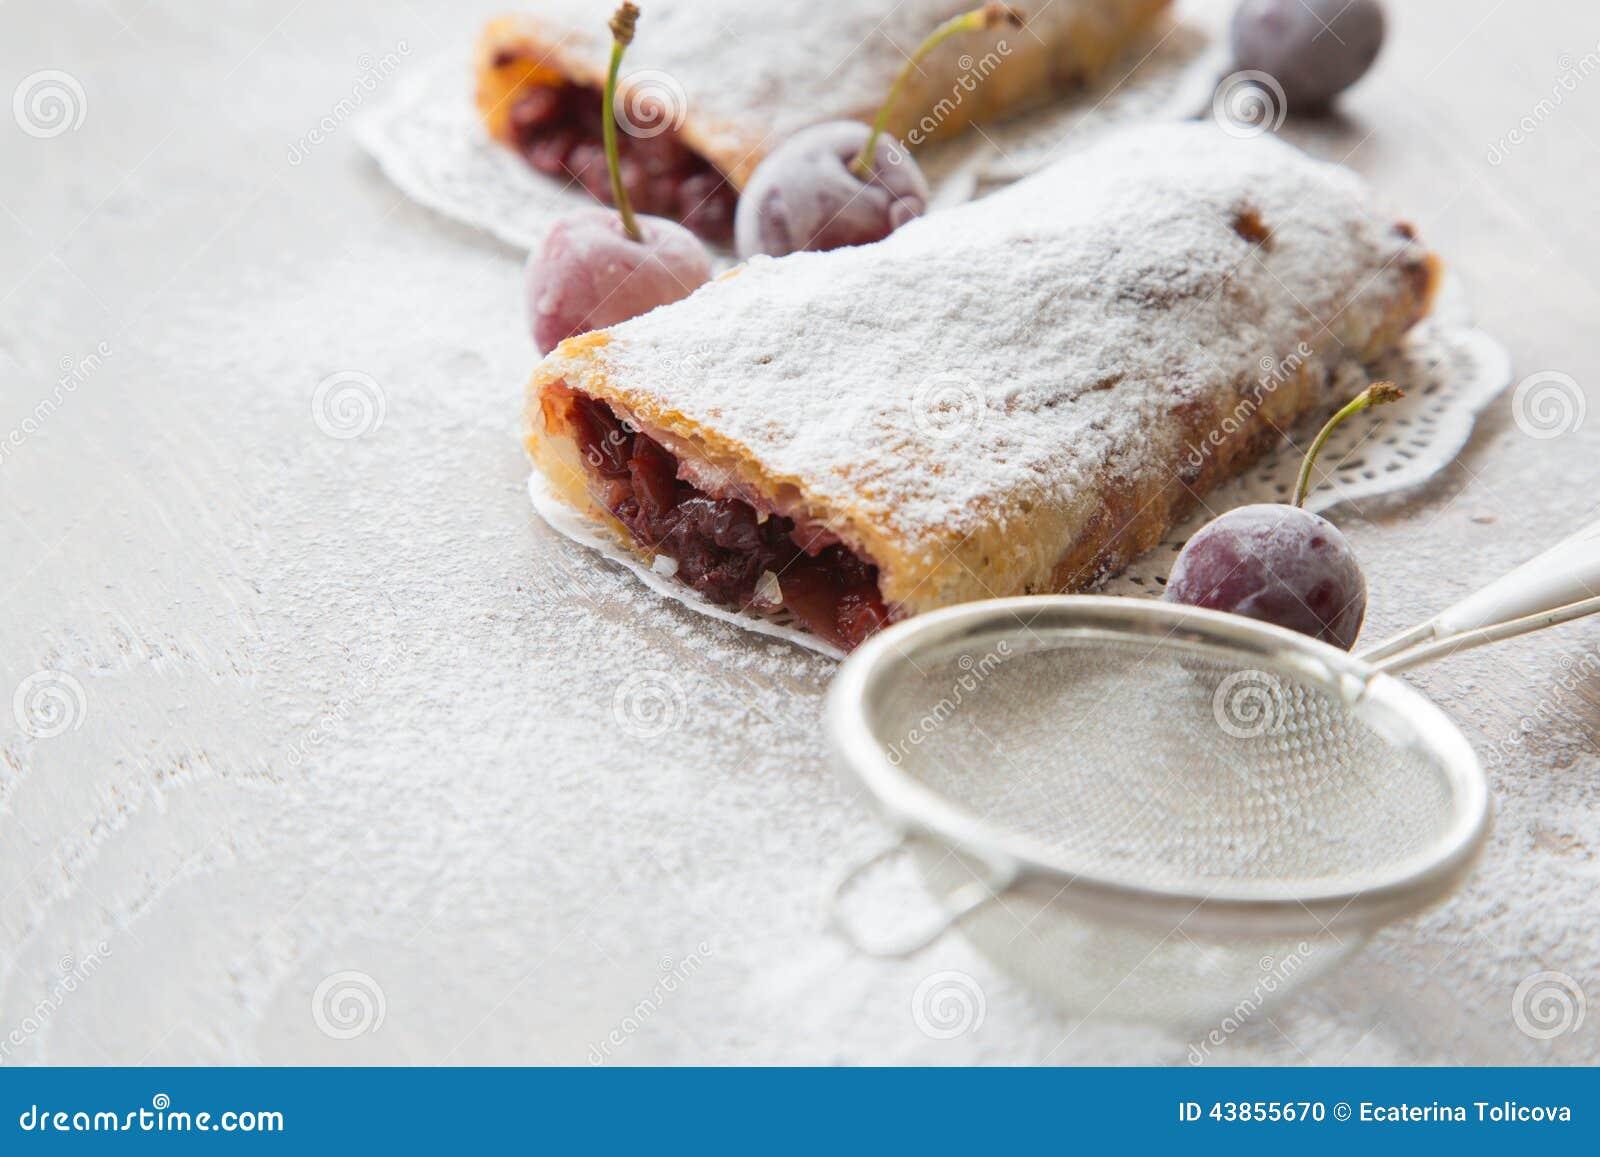 Dessert roumain et moldove traditionnel avec des griottes for Dessert avec des cerises fraiches